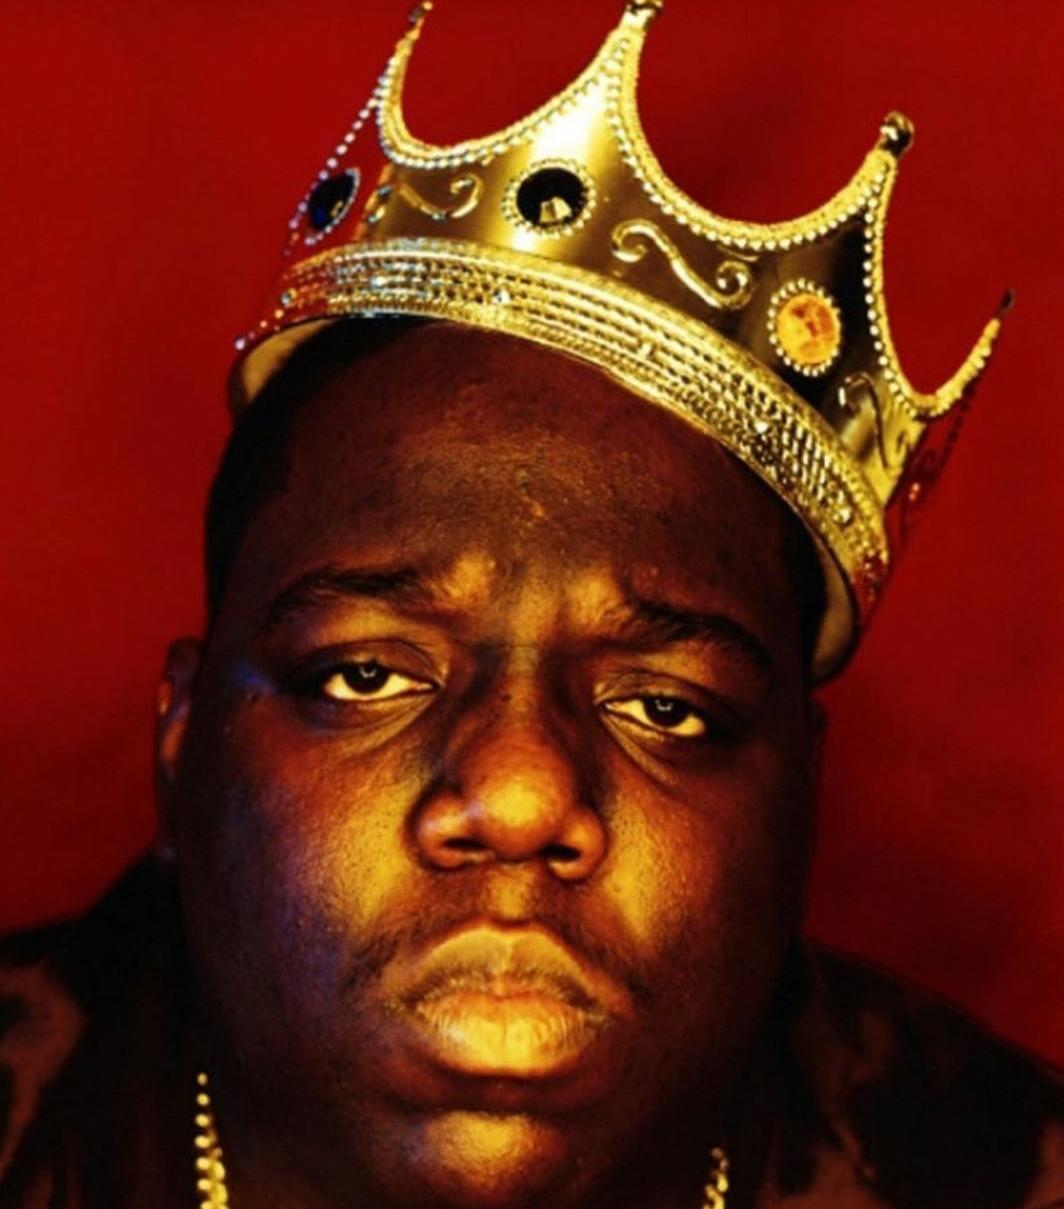 Biggie Smalls coronado como Rey del rap. Foto: PULL